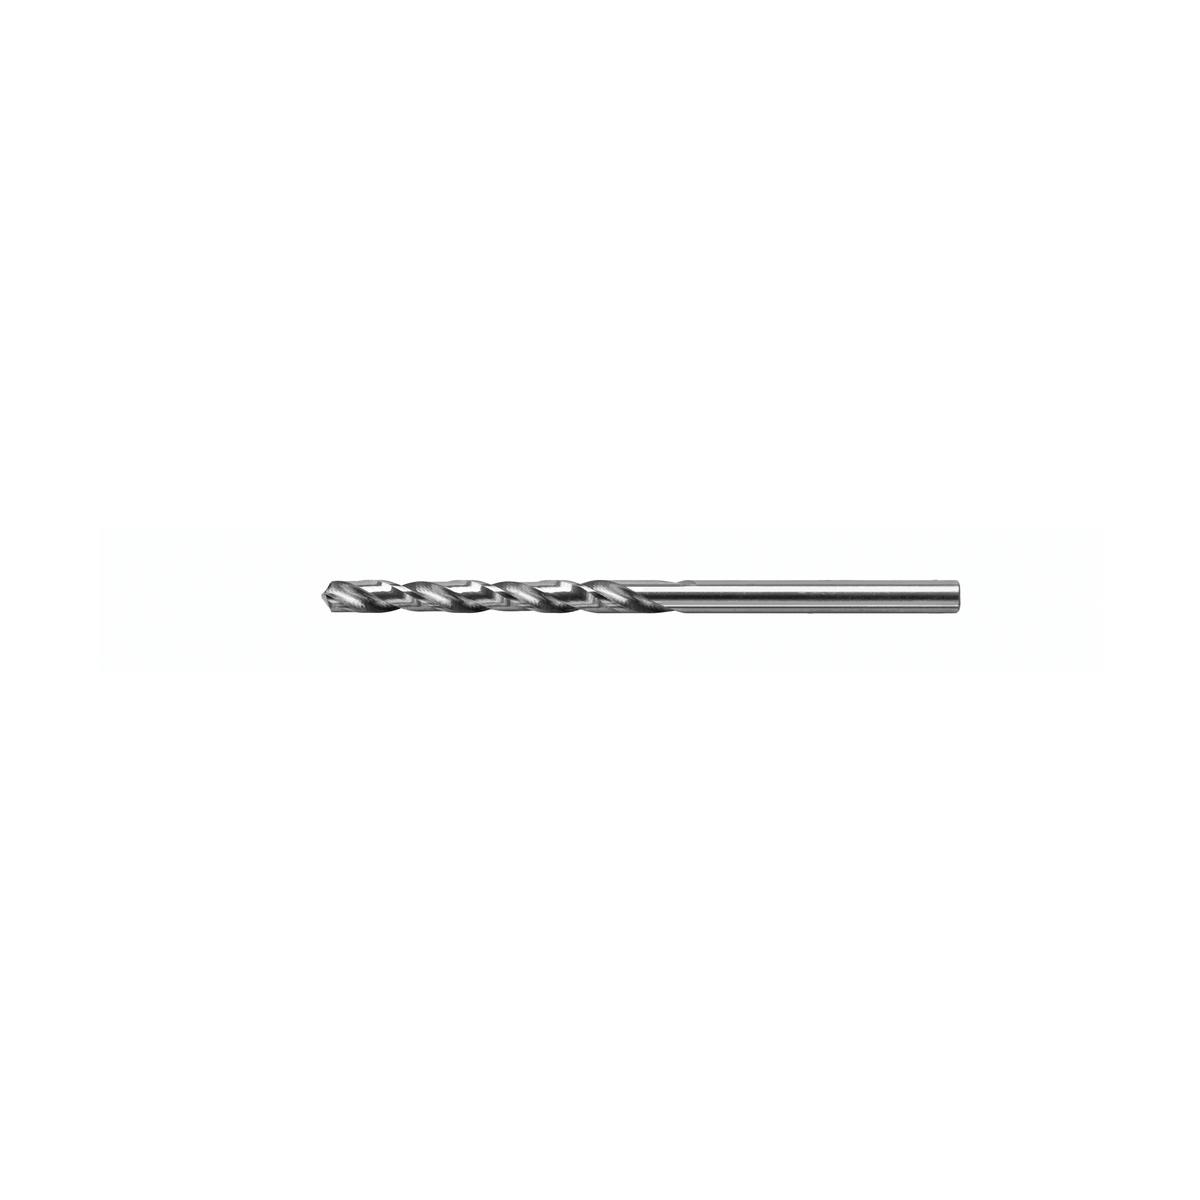 Broca para Aço Tramontina 43141/122 4x75 mm em Aço Rápido HSS DIN 338